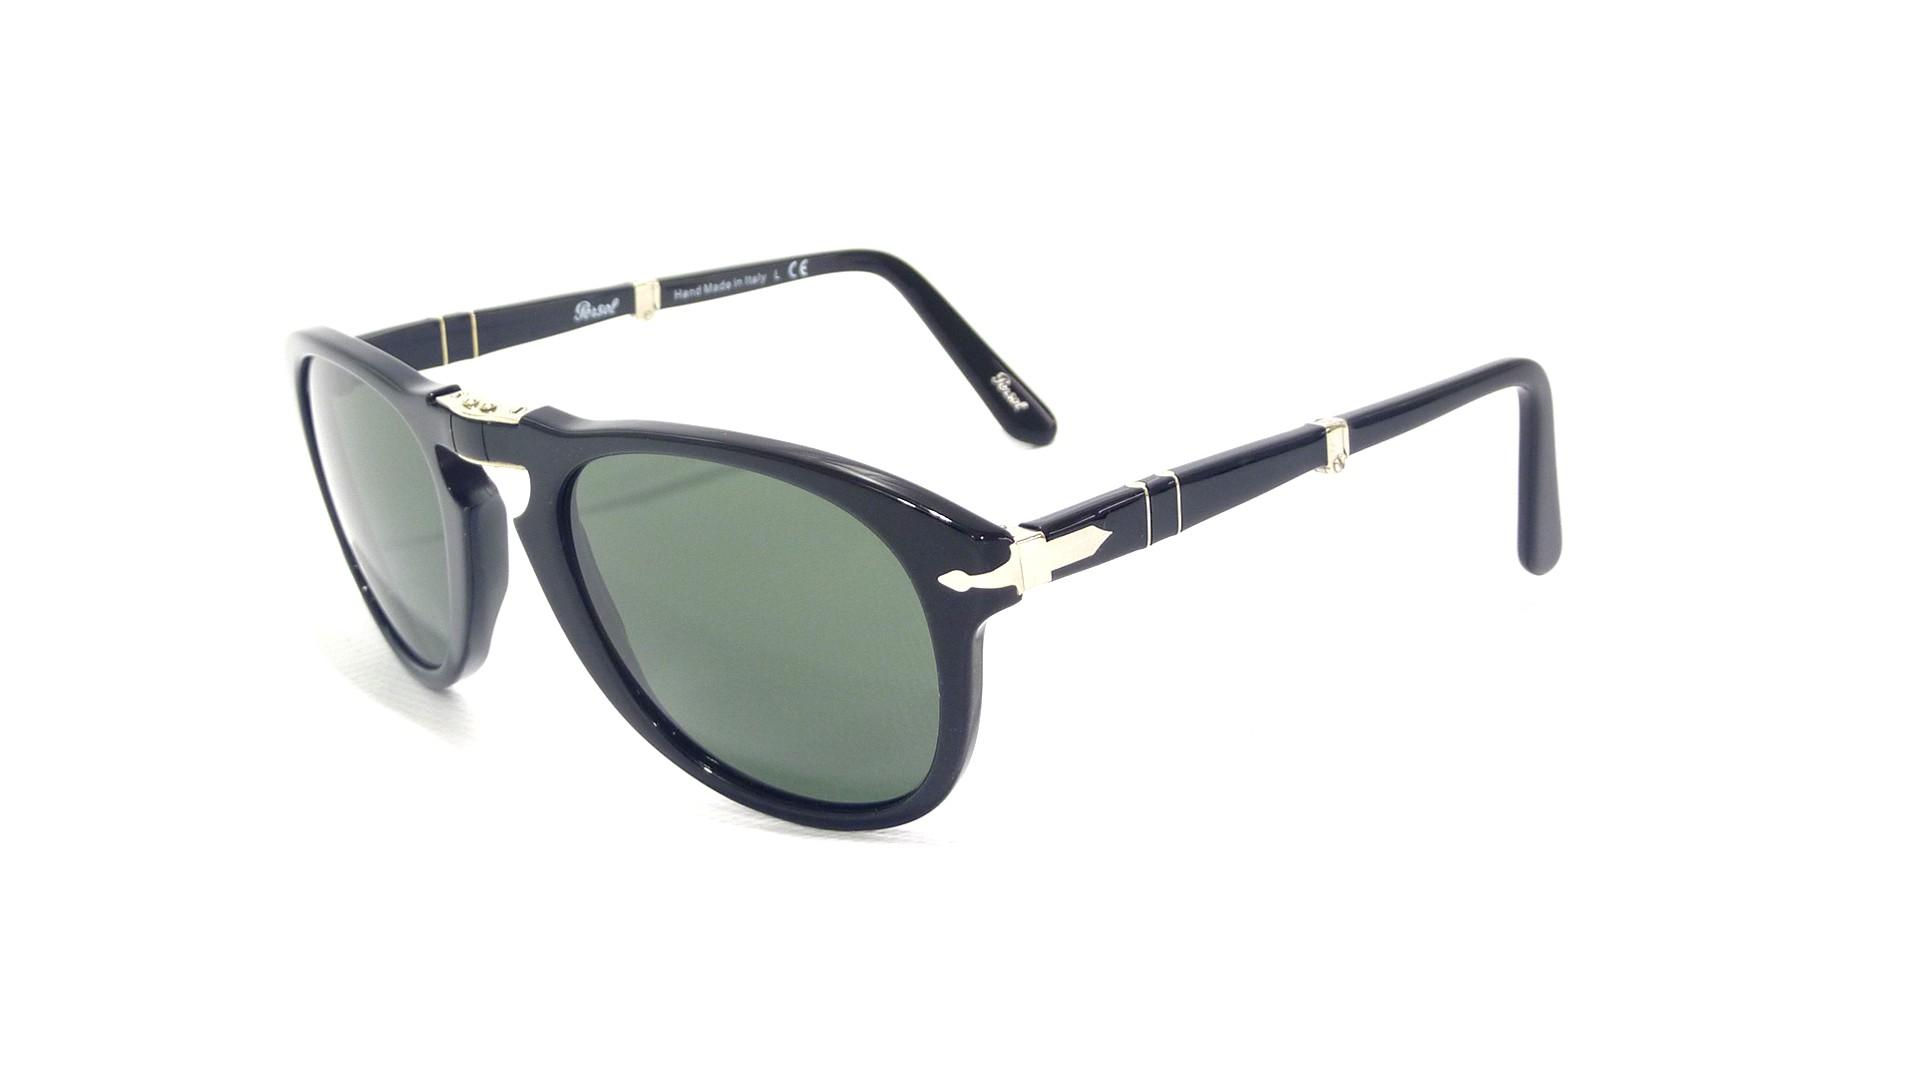 adf5f7c125 Sunglasses Persol PO0714 95 31 52-21 Small Black Folding